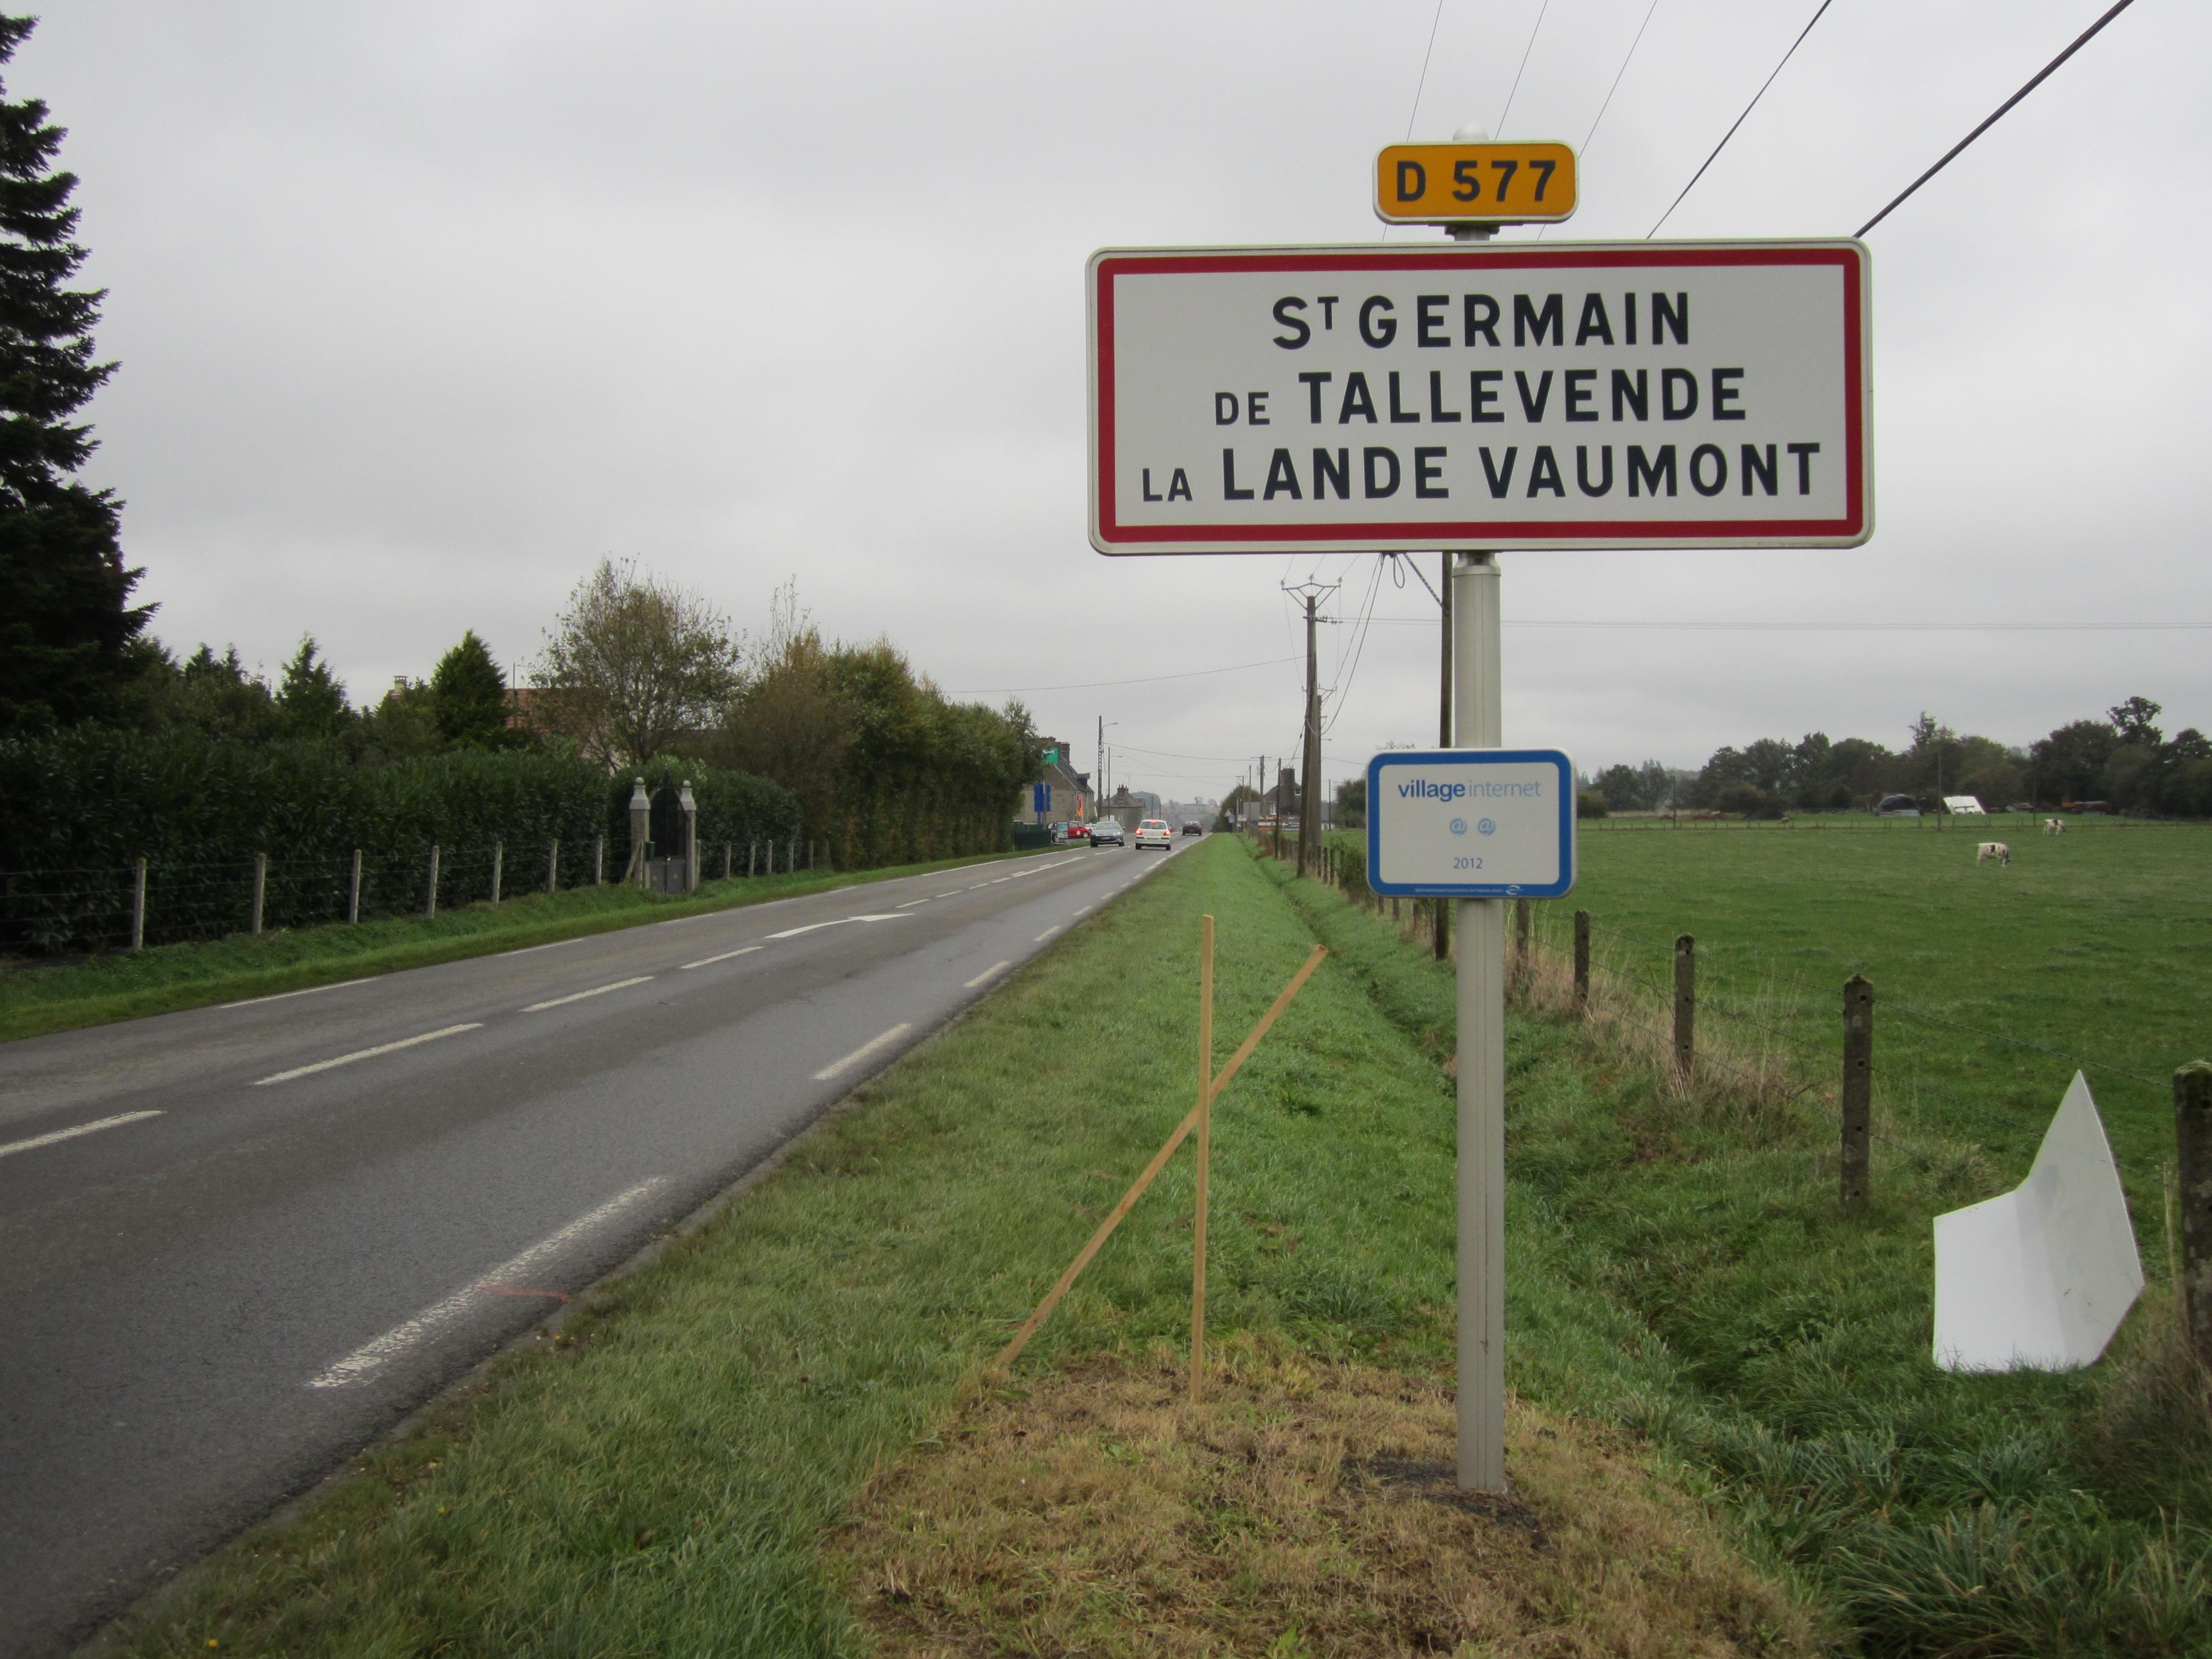 Image Acnl Nom De Ville